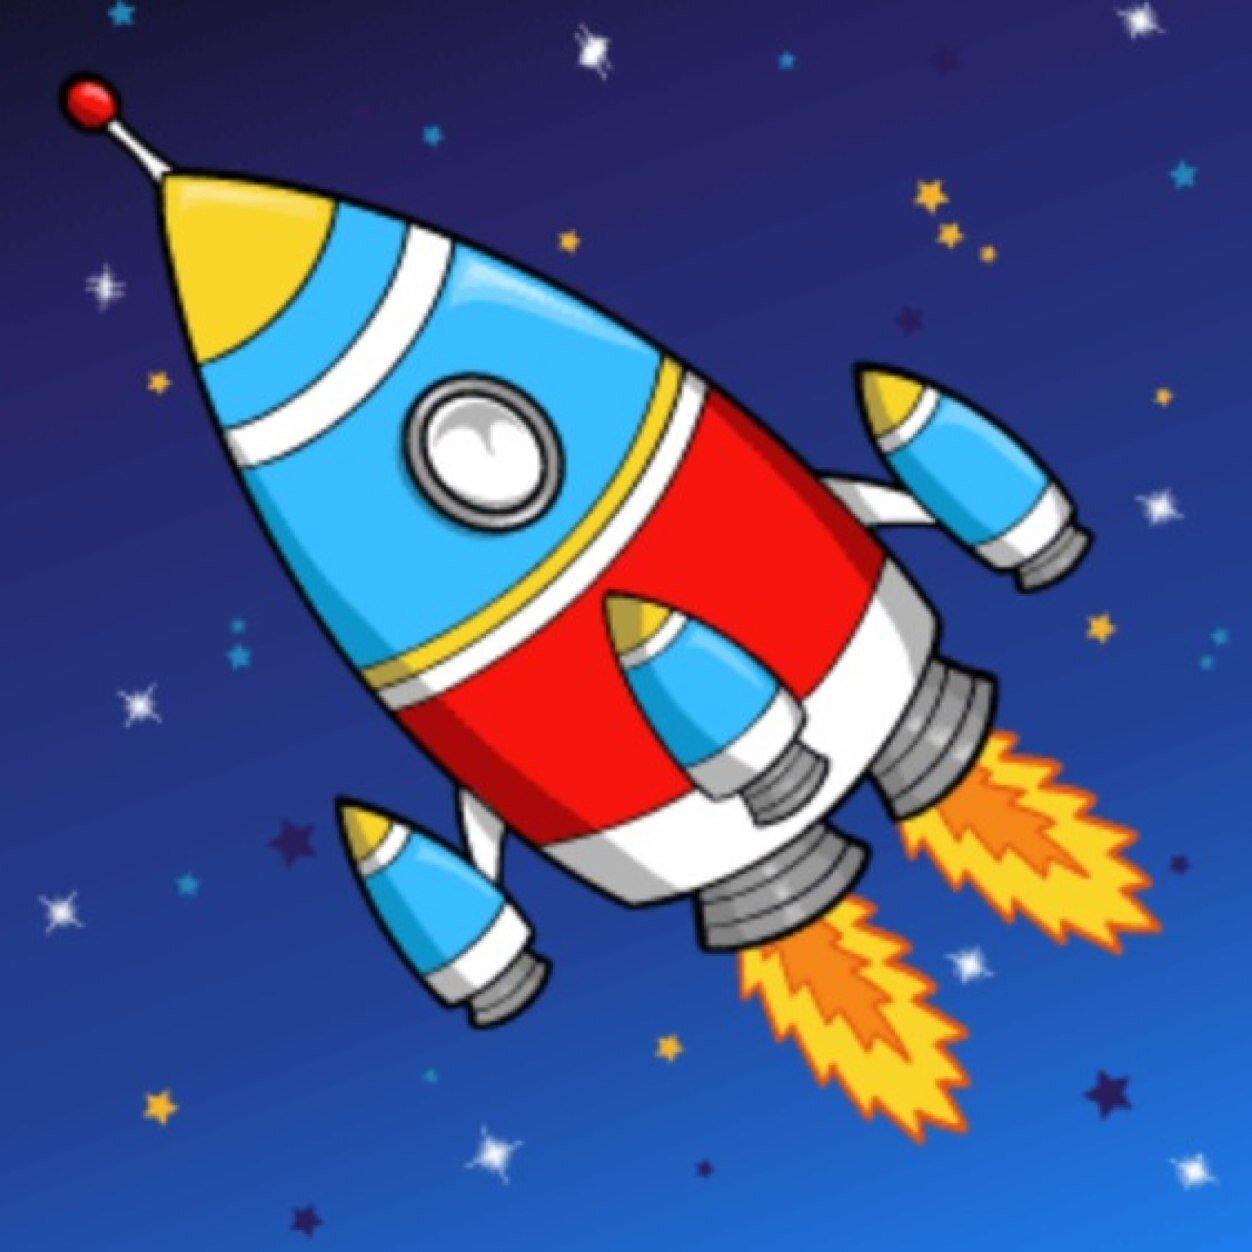 Картинки космических кораблей для дошкольников